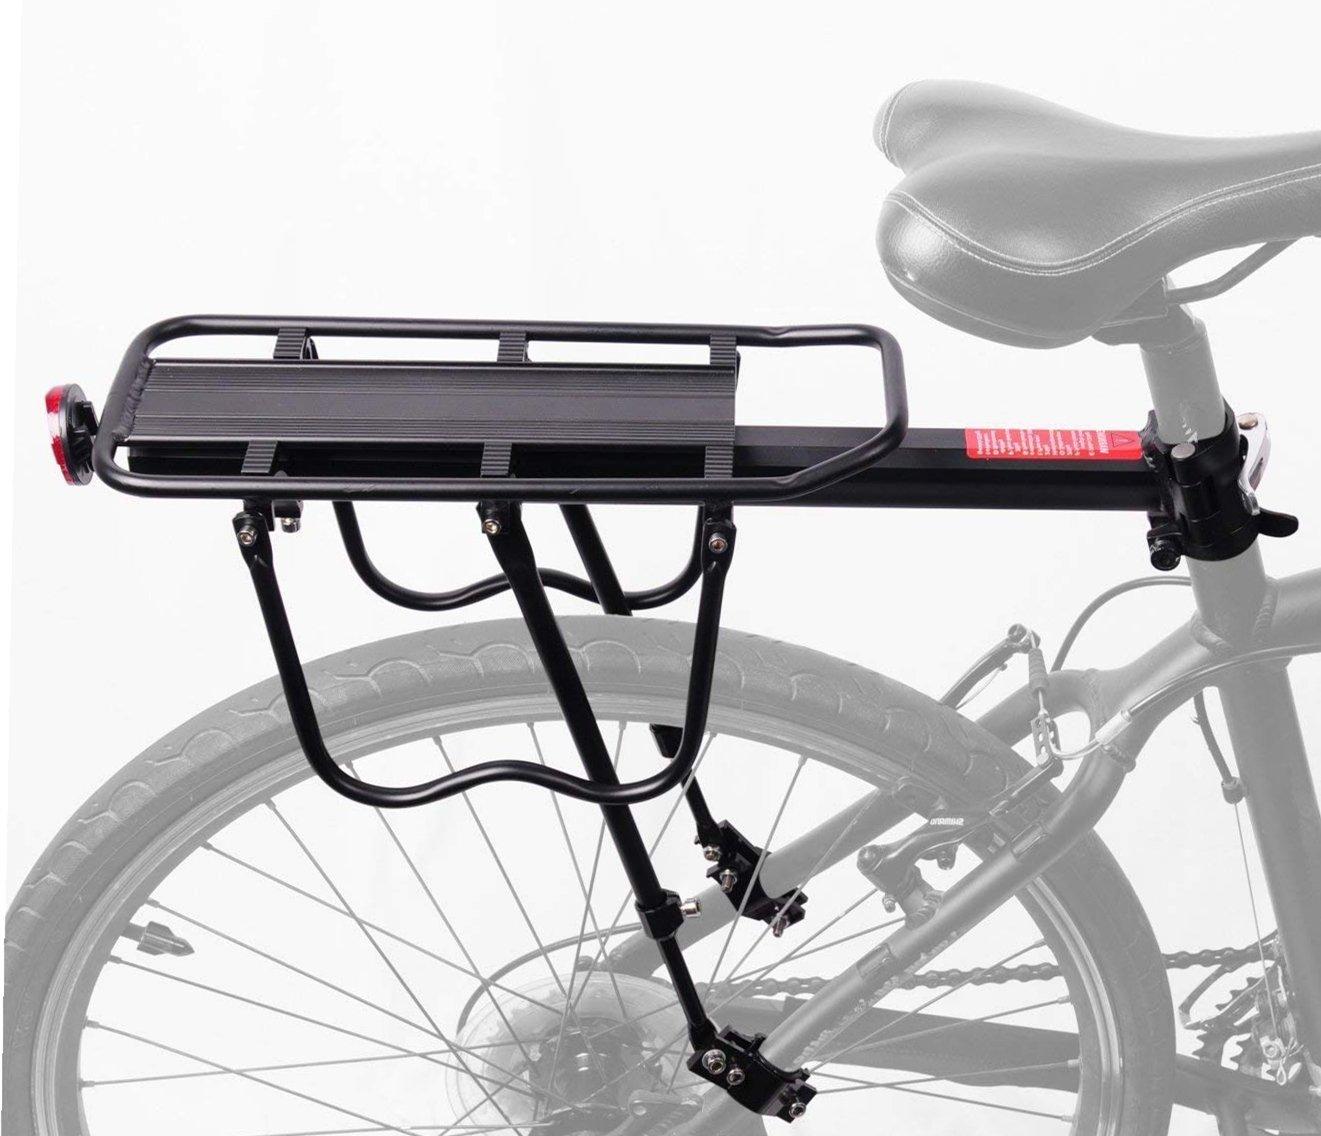 support de cargaison de bicyclette dalliage daluminium COMINGFIT/® Support de cargaison r/églable de bagage de cargaison de support de cargaison de la capacit/é 50kg